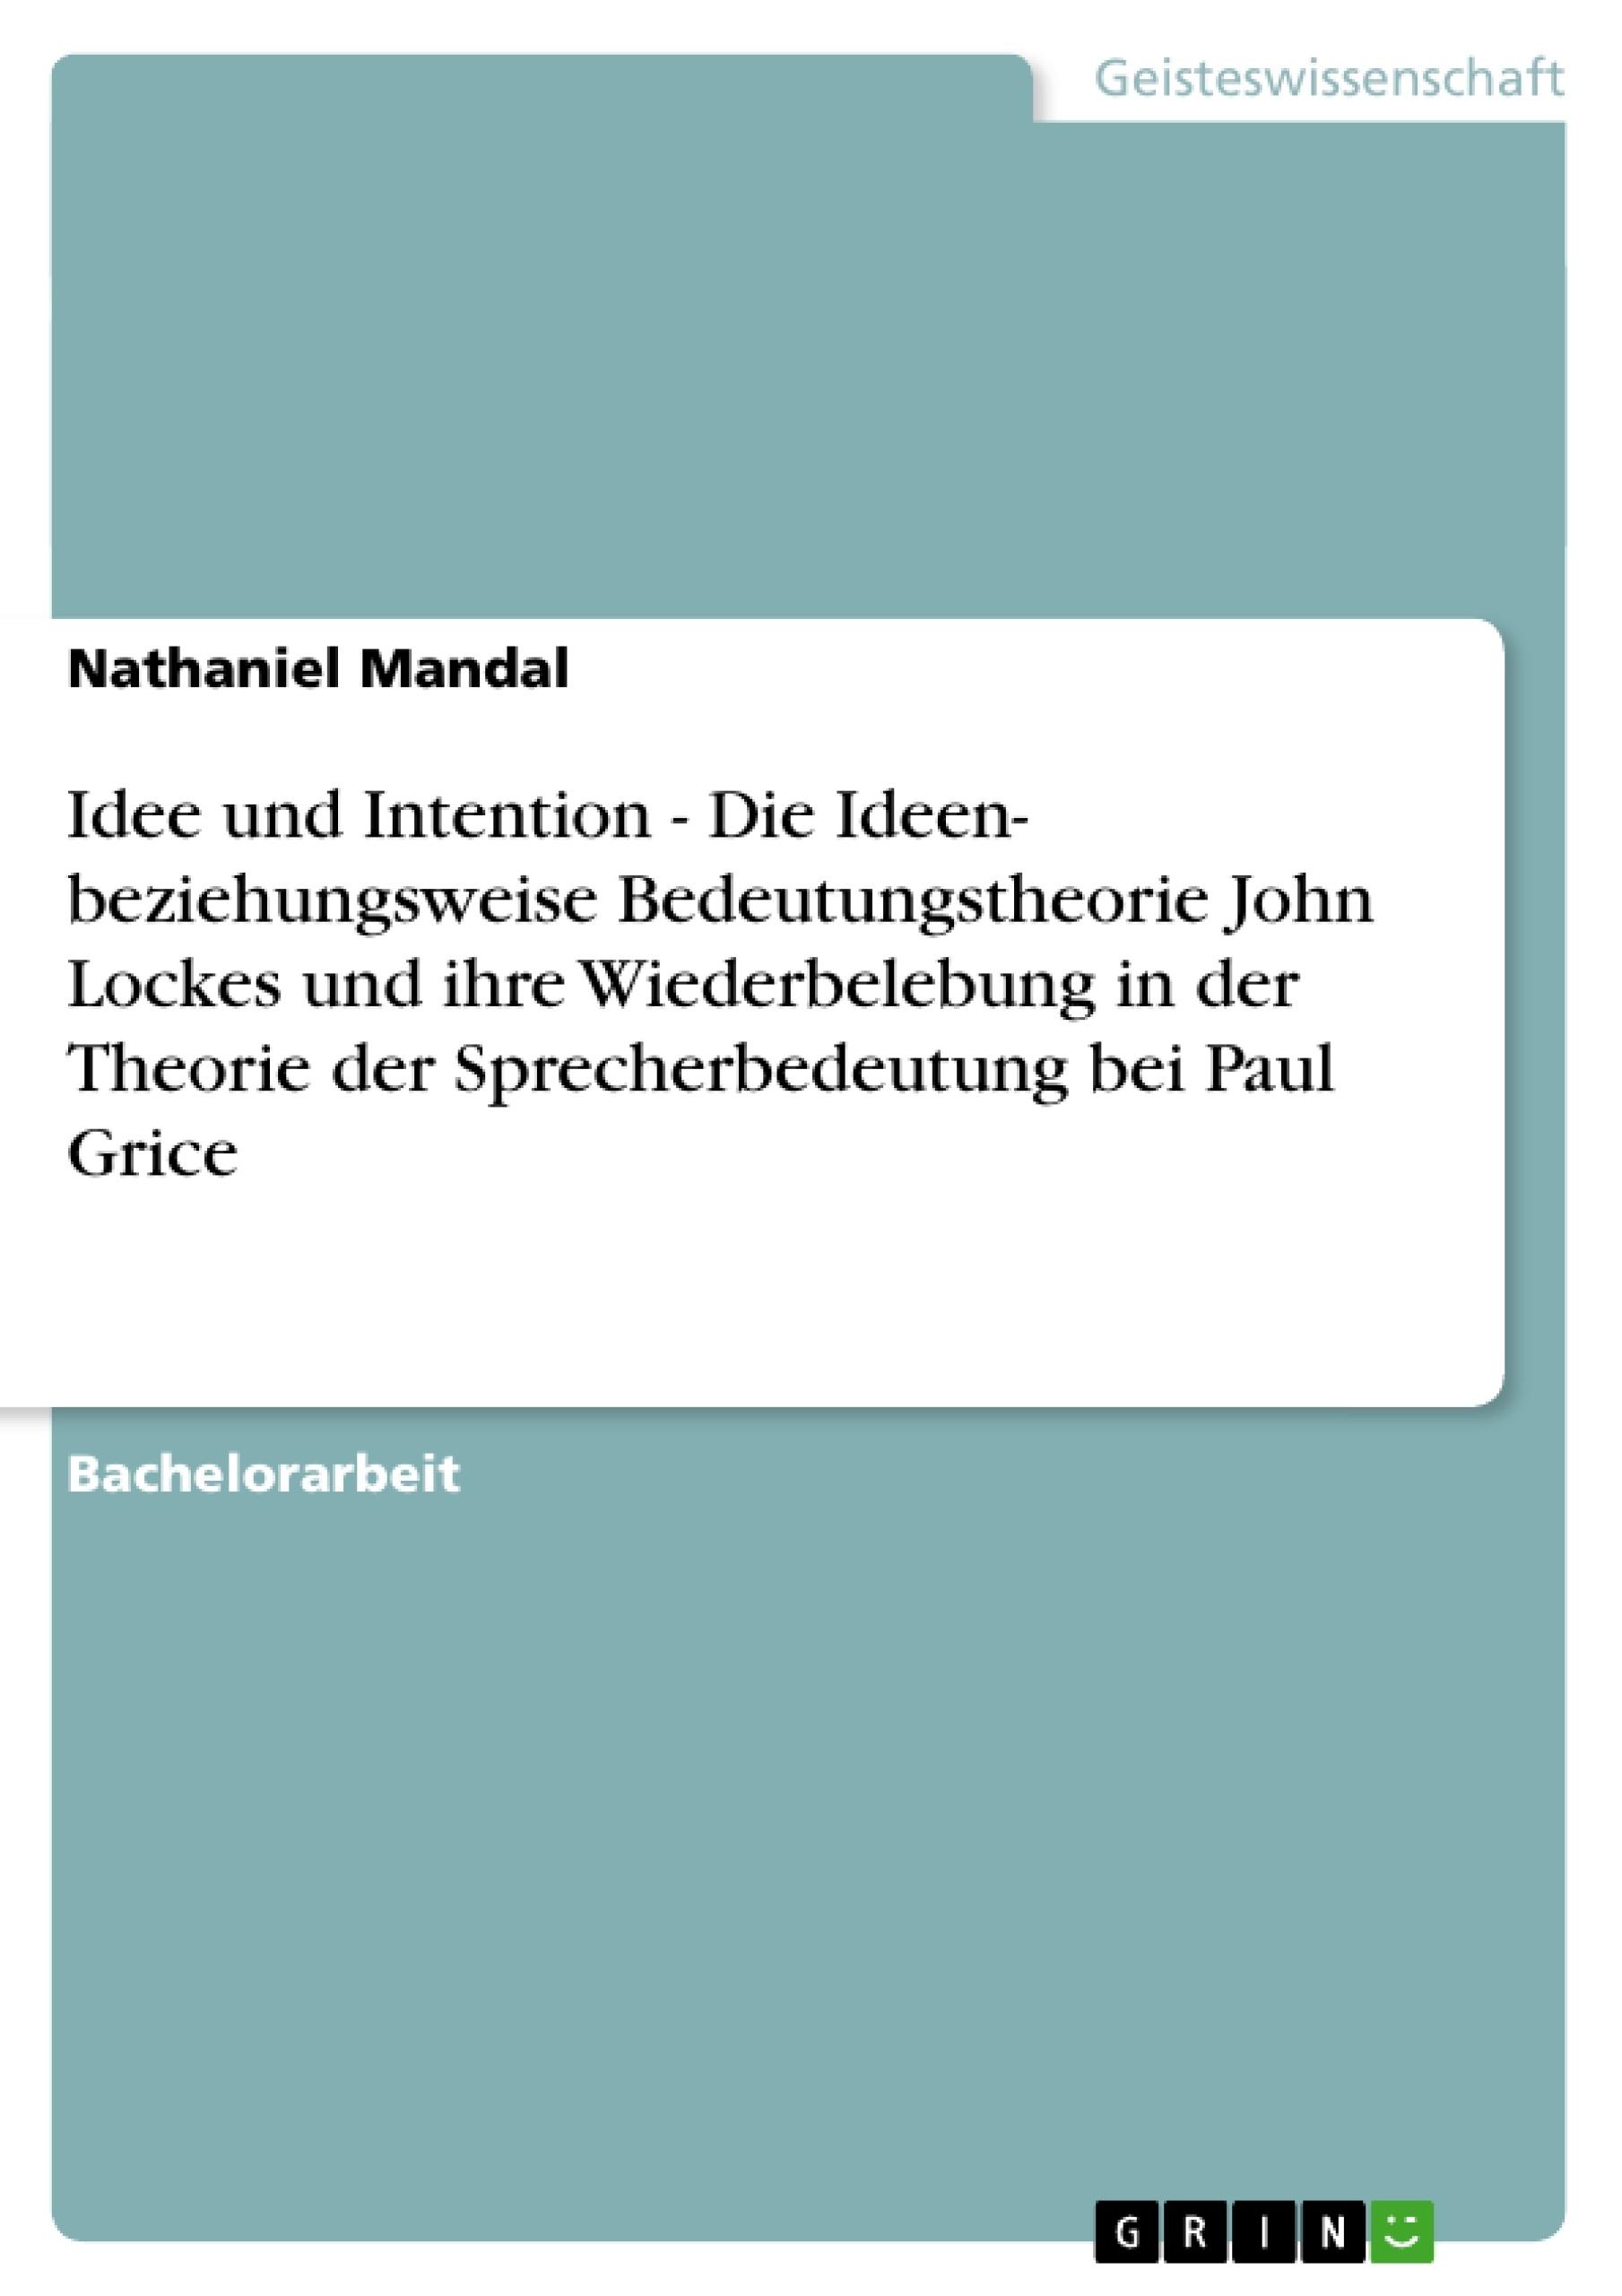 Titel: Idee und Intention - Die Ideen- beziehungsweise Bedeutungstheorie John Lockes und ihre Wiederbelebung in der Theorie der Sprecherbedeutung bei Paul Grice